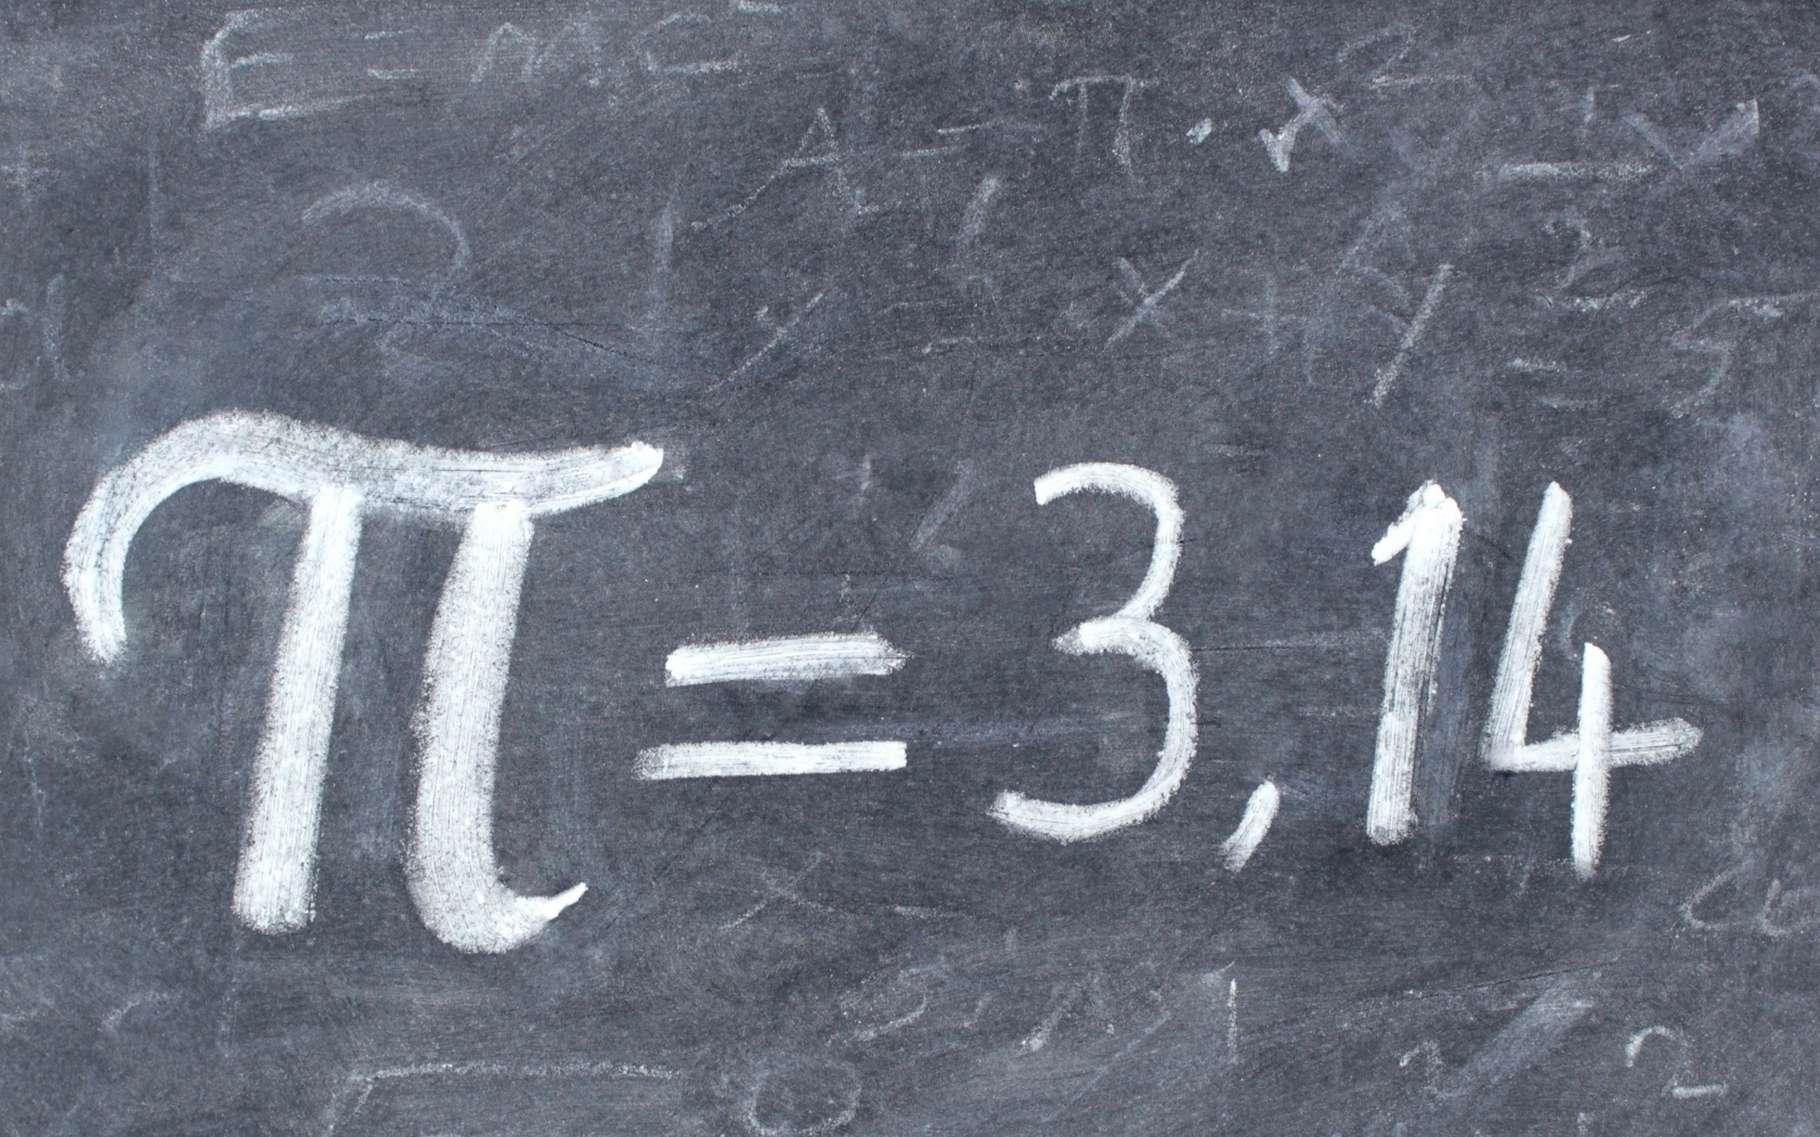 Le nombre Pi (Π), souvent arrondi à 3,14, peut être estimé de nombreuses façons. Y compris à l'aide d'un fusil à pompe… © Hayati Kayhan, Shutterstock